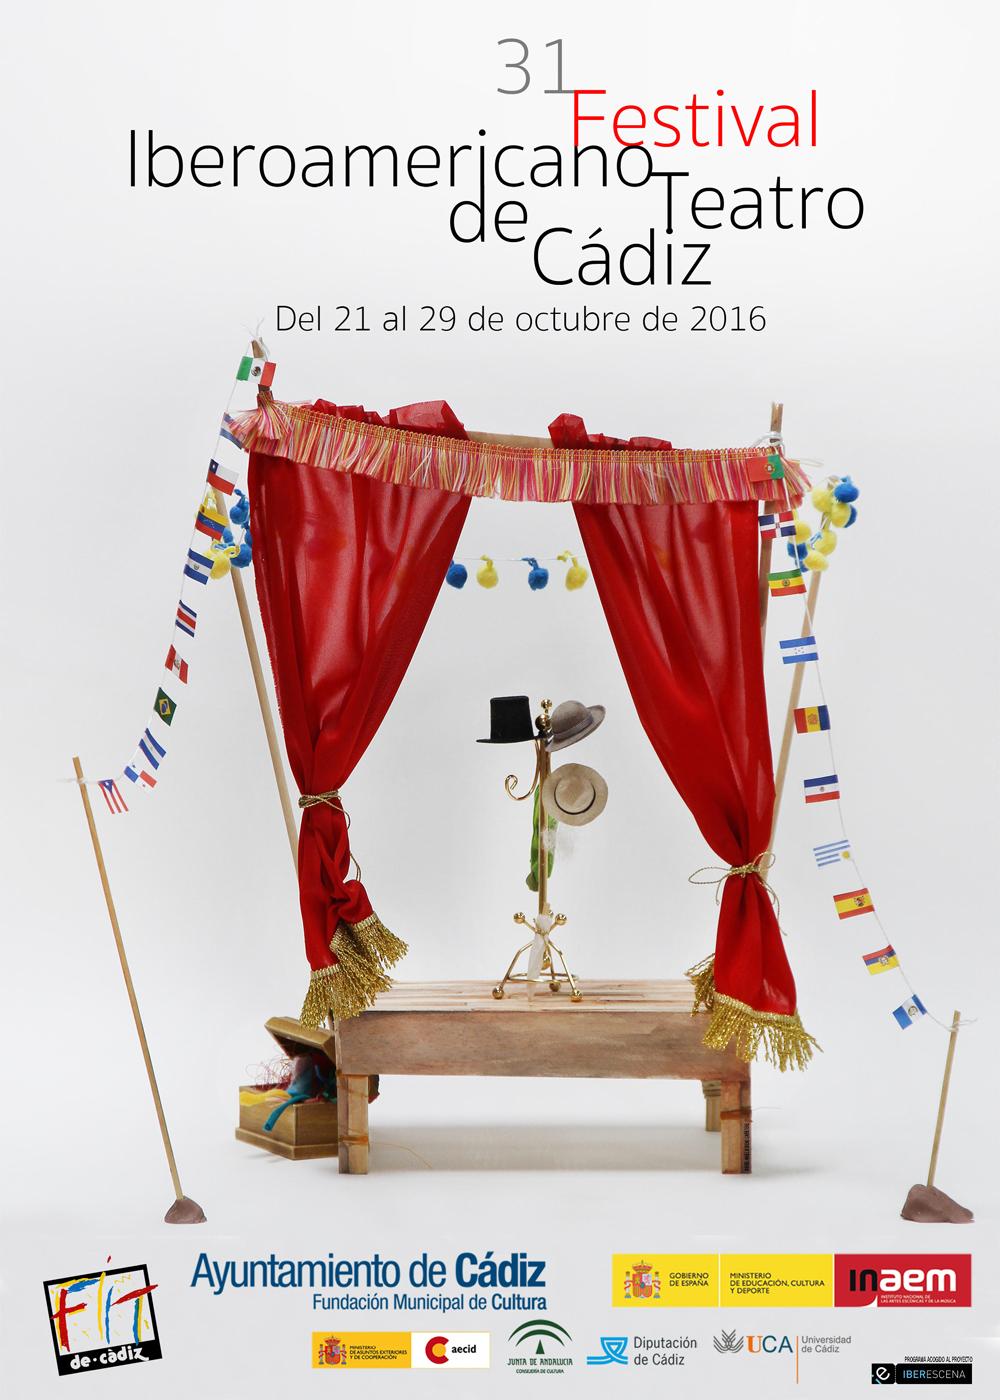 FIT Cádiz Festival Iberoamericano de Teatro